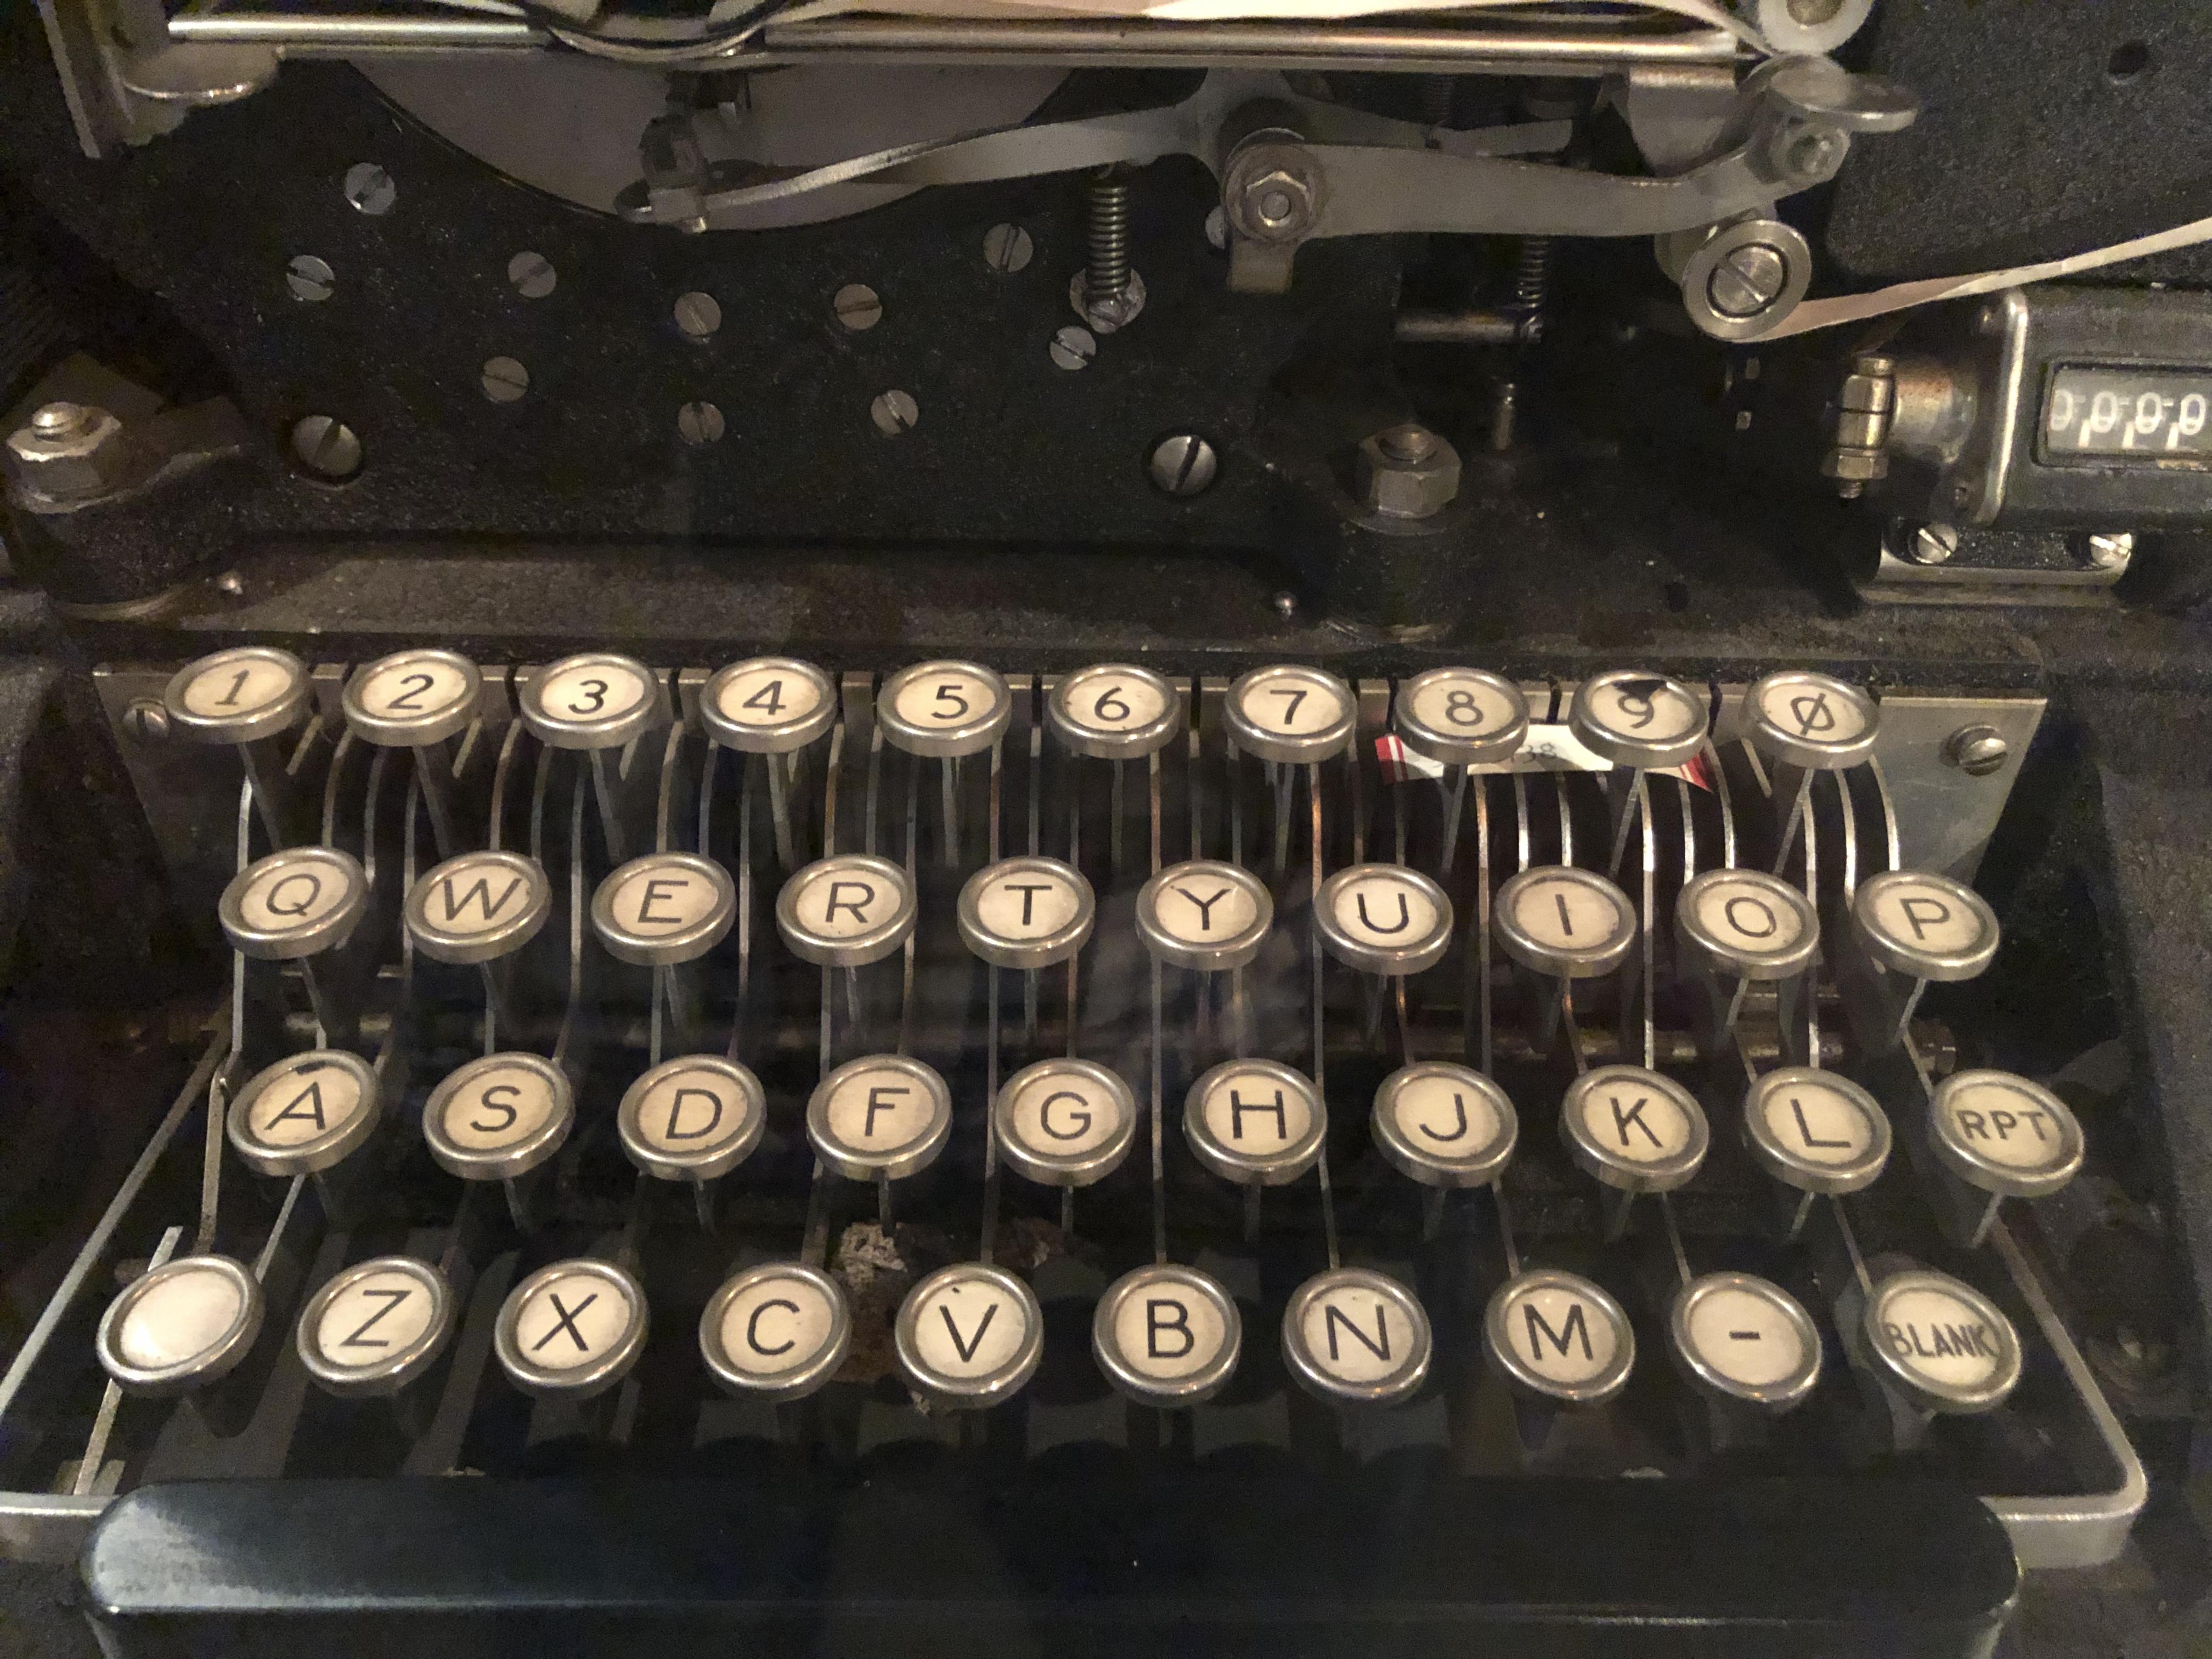 SIGABA-ECM (Army M-134-C, Navy CSP-888) at NCM keyboard.agr.jpg English: Keyboard of SIGABA cipher machine on display at the U.S. National